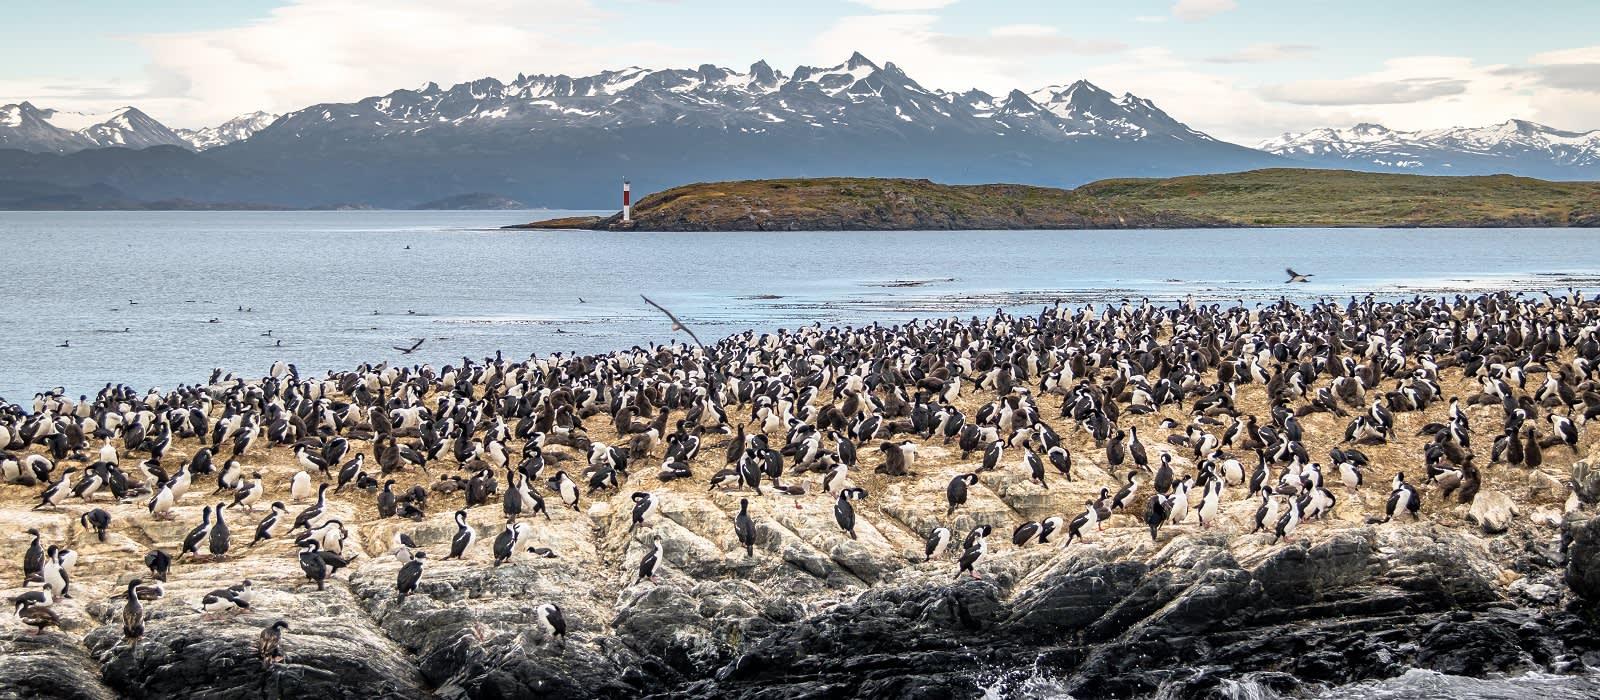 Abenteuer im Südlichen Ozean – Falkland Inseln & Antarktis Urlaub 1